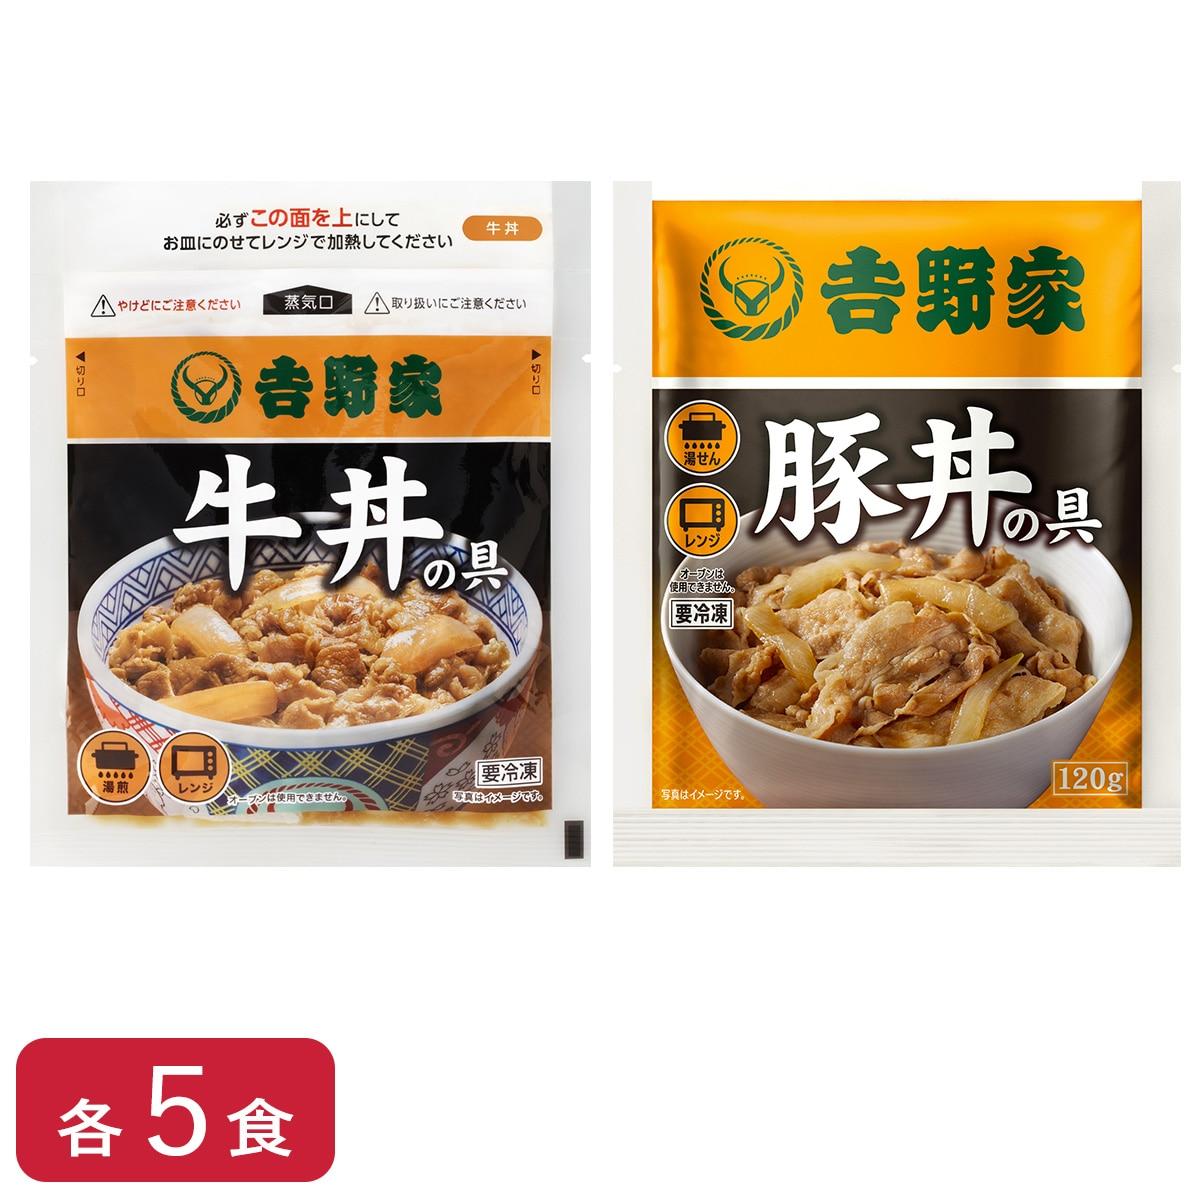 吉野家 牛丼5食、豚丼5食 計10食